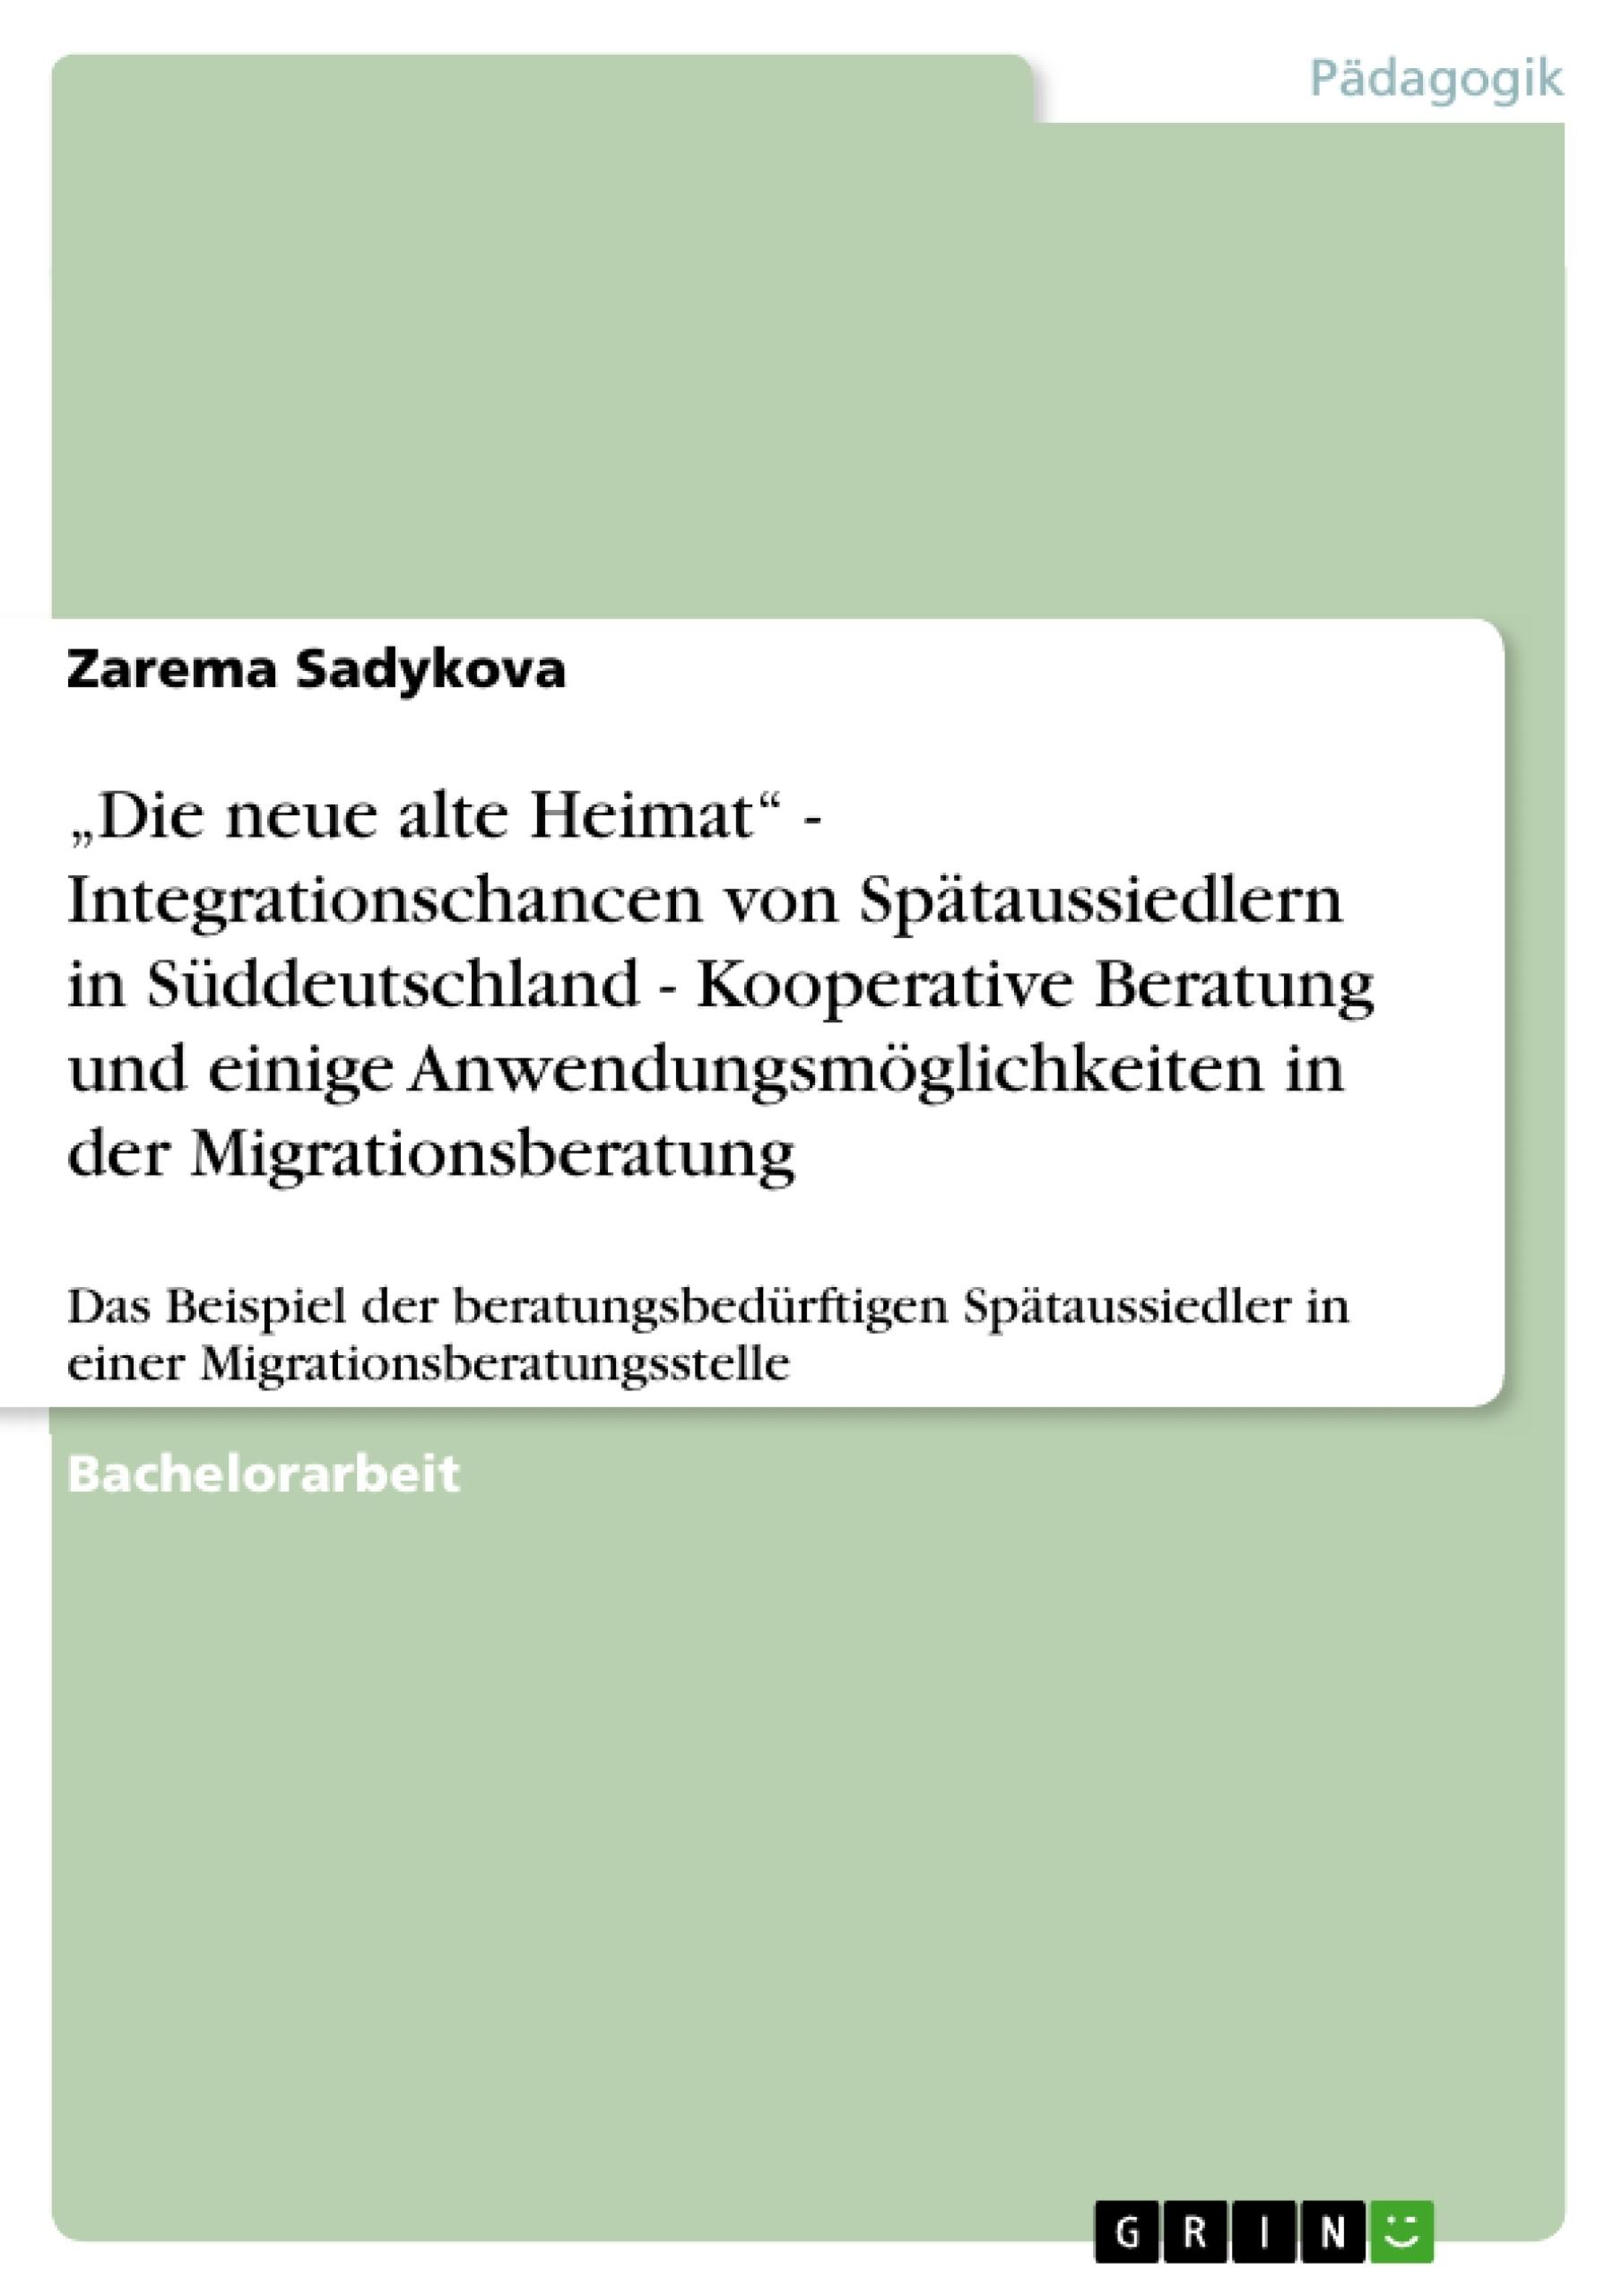 """Titel: """"Die neue alte Heimat"""" -  Integrationschancen von Spätaussiedlern in Süddeutschland - Kooperative Beratung und einige Anwendungsmöglichkeiten in der Migrationsberatung"""